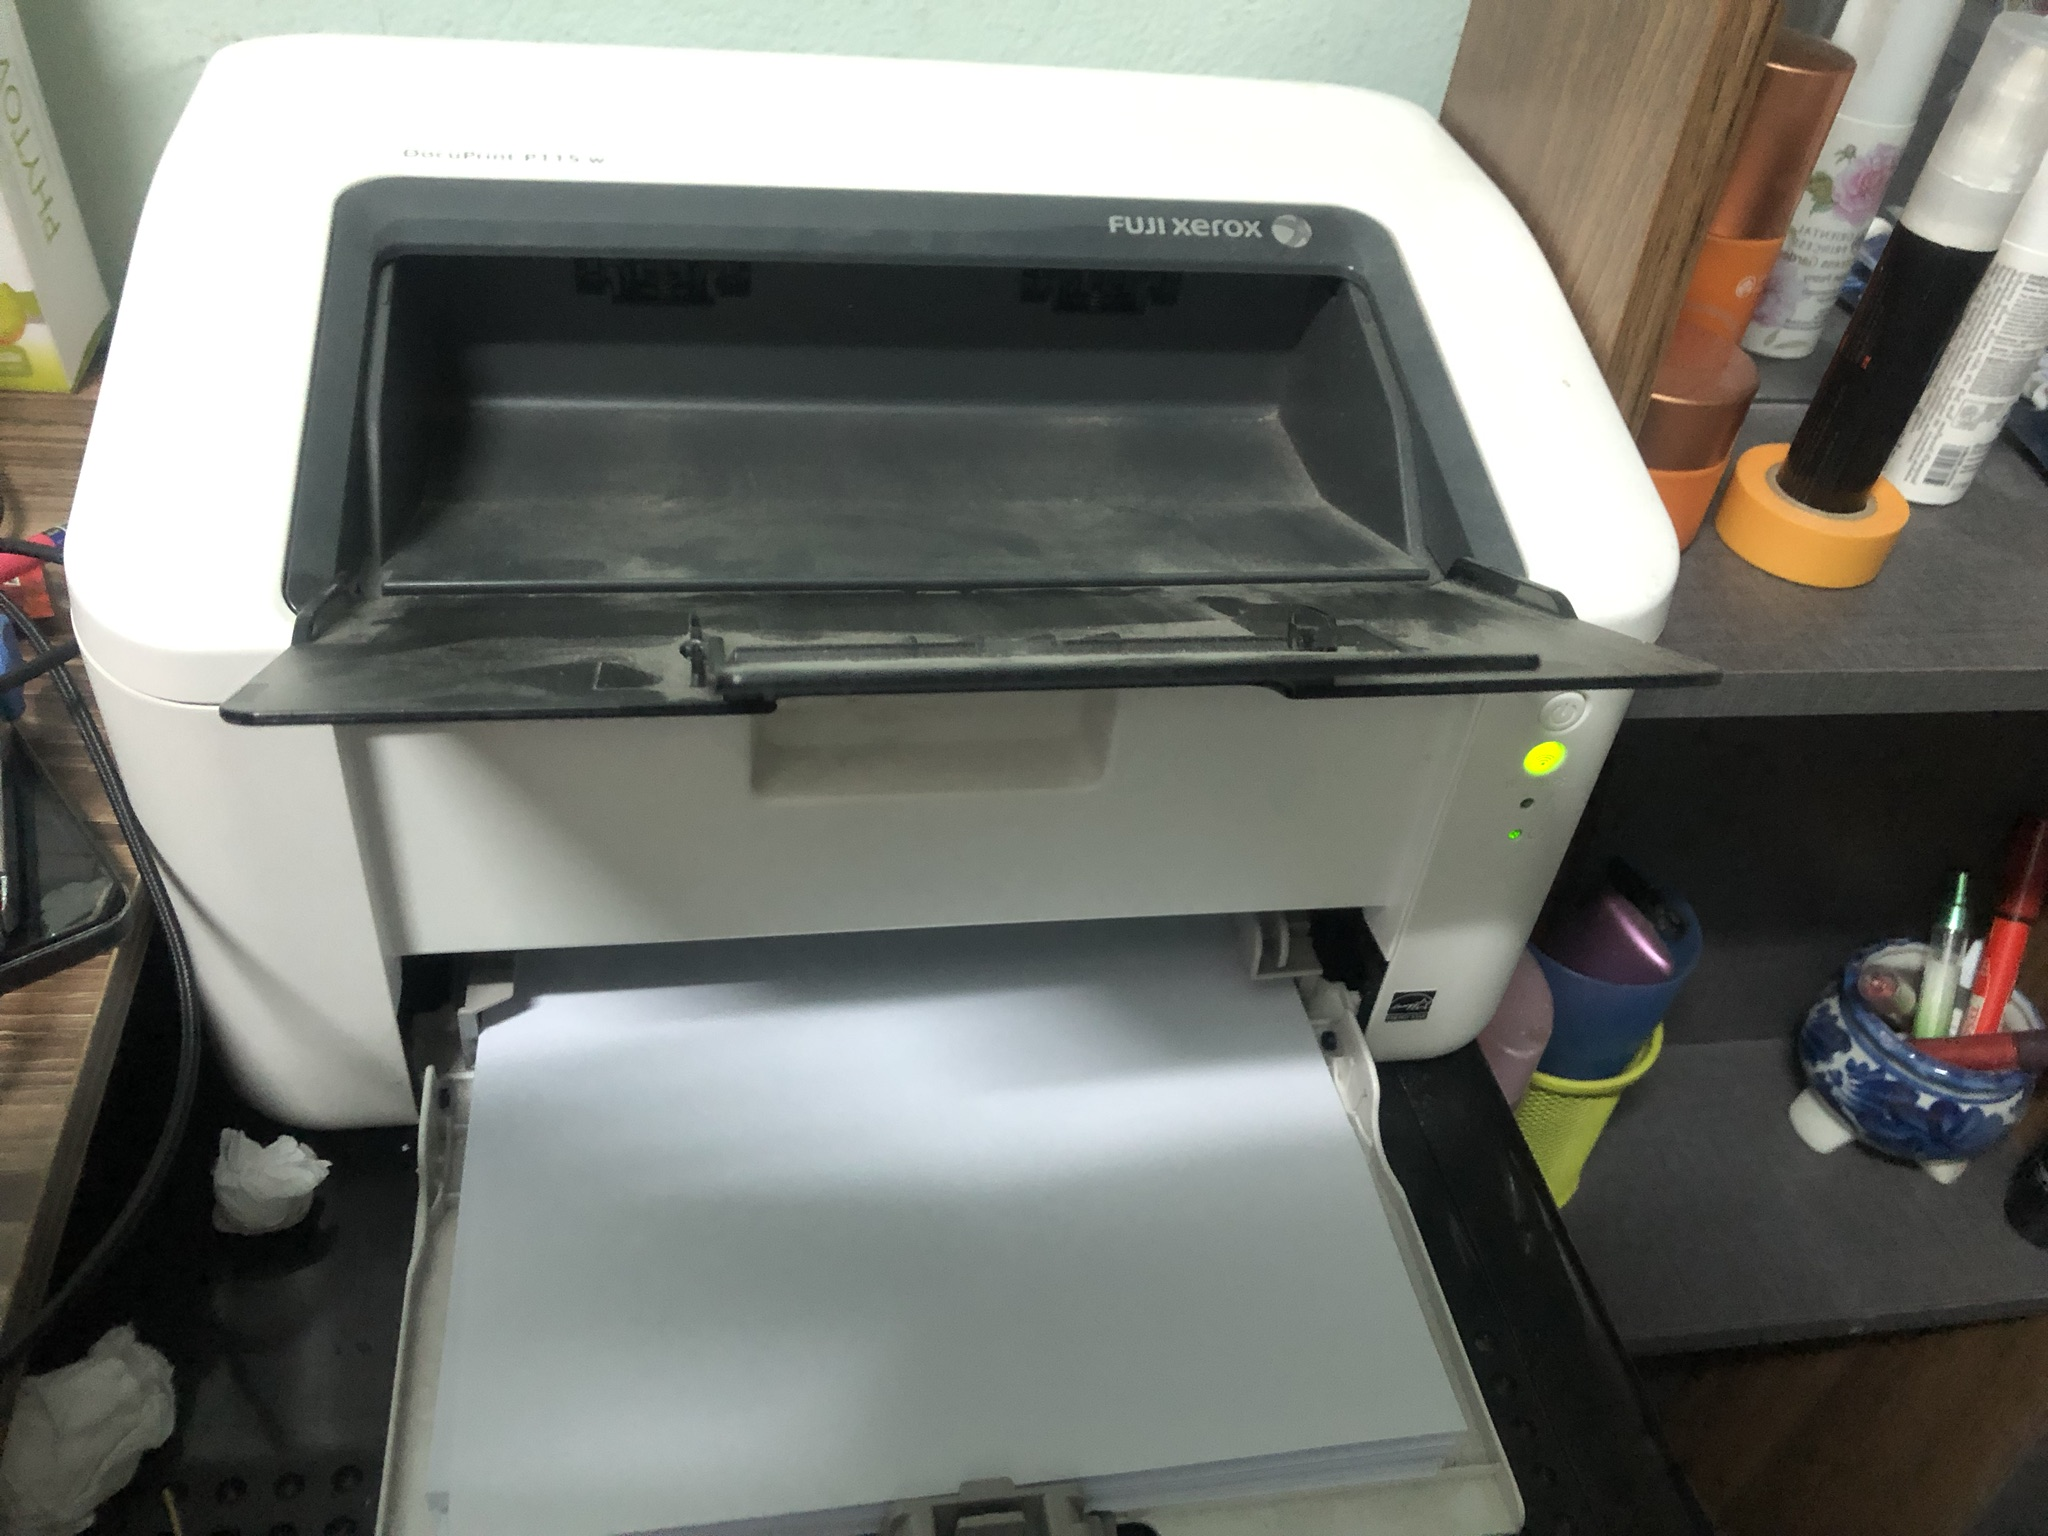 ขอทราบวิธี Reset ตลับ Toner ของ Printer ยี่ห้อ Fuji Xerox DocuPrint